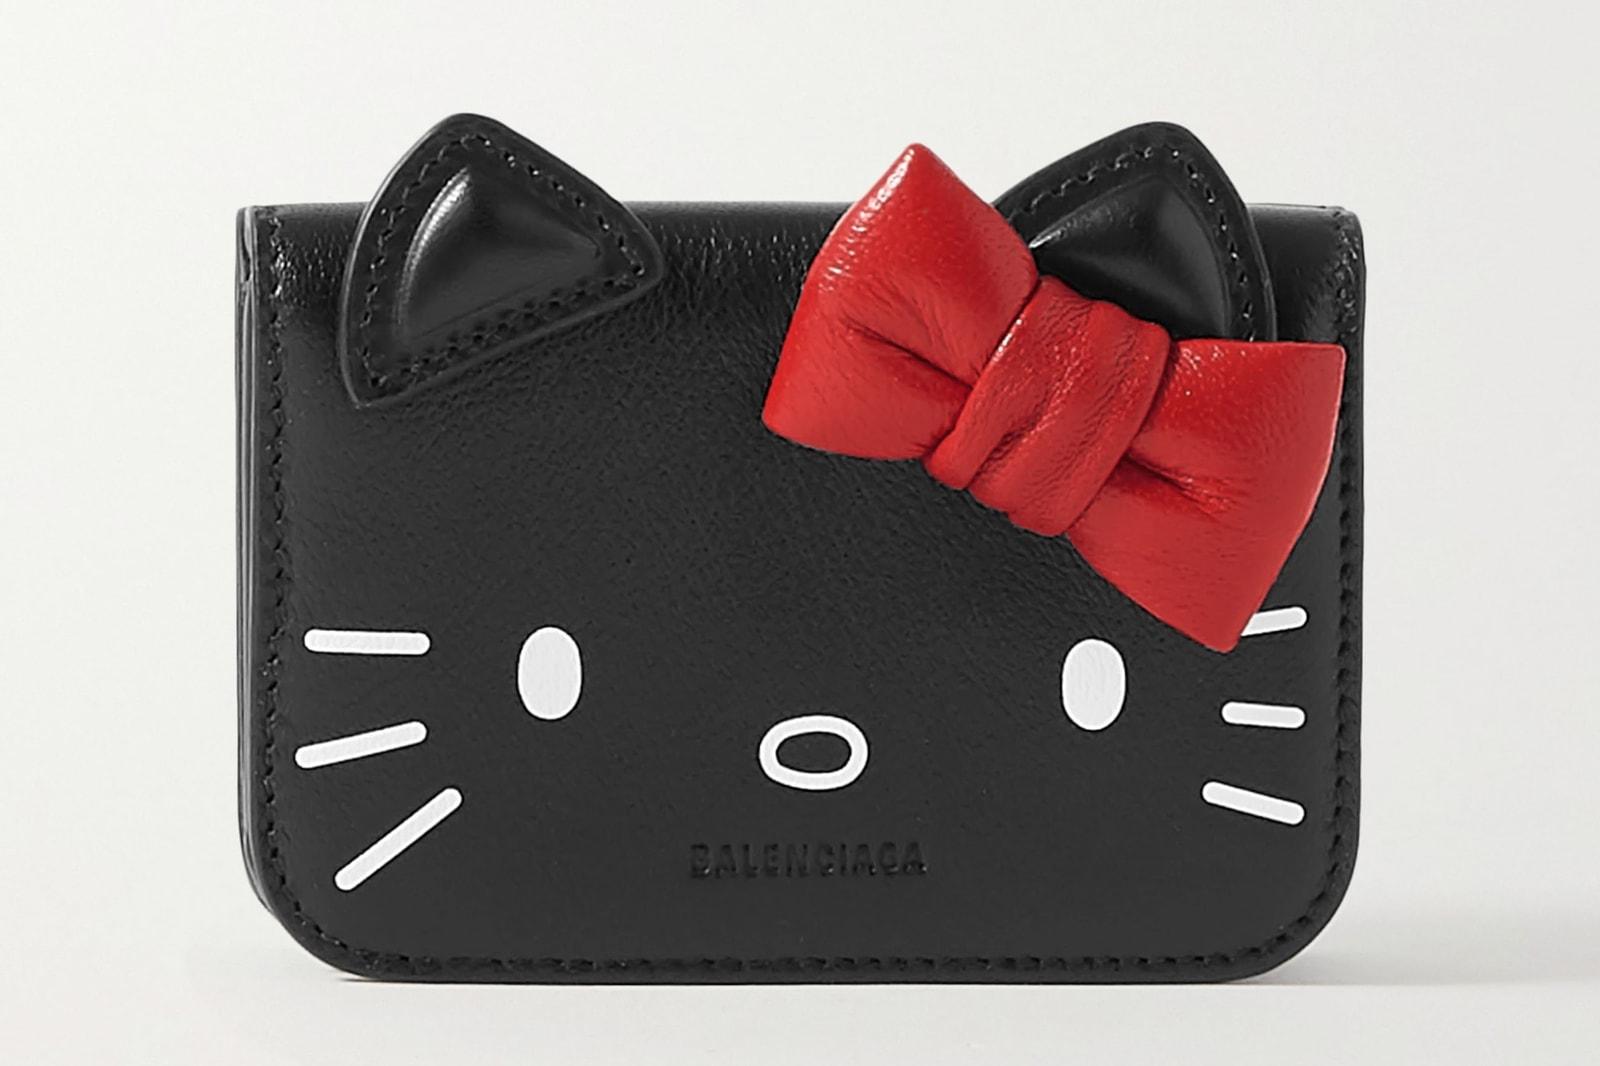 best designer cardholders cases wallets balenciaga hello kitty off-white bottega veneta celine